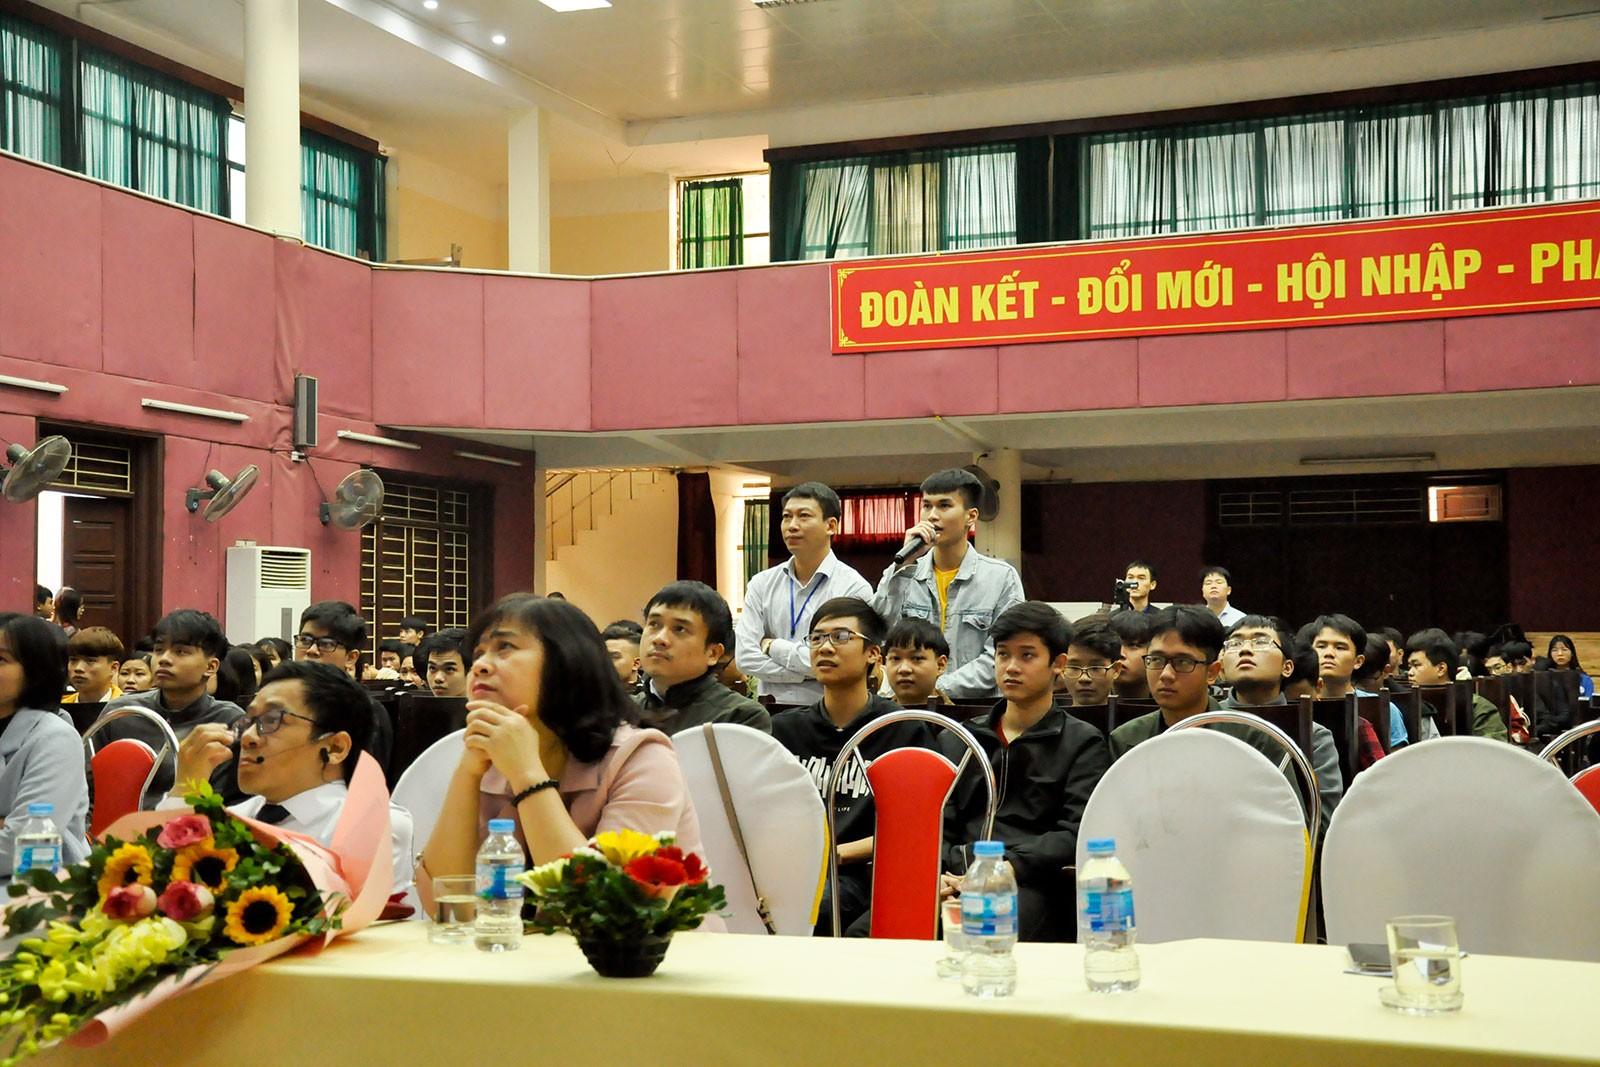 Hơn 300 sinh viên Công nghệ thông tin tham gia talkshow Tôi là ai?